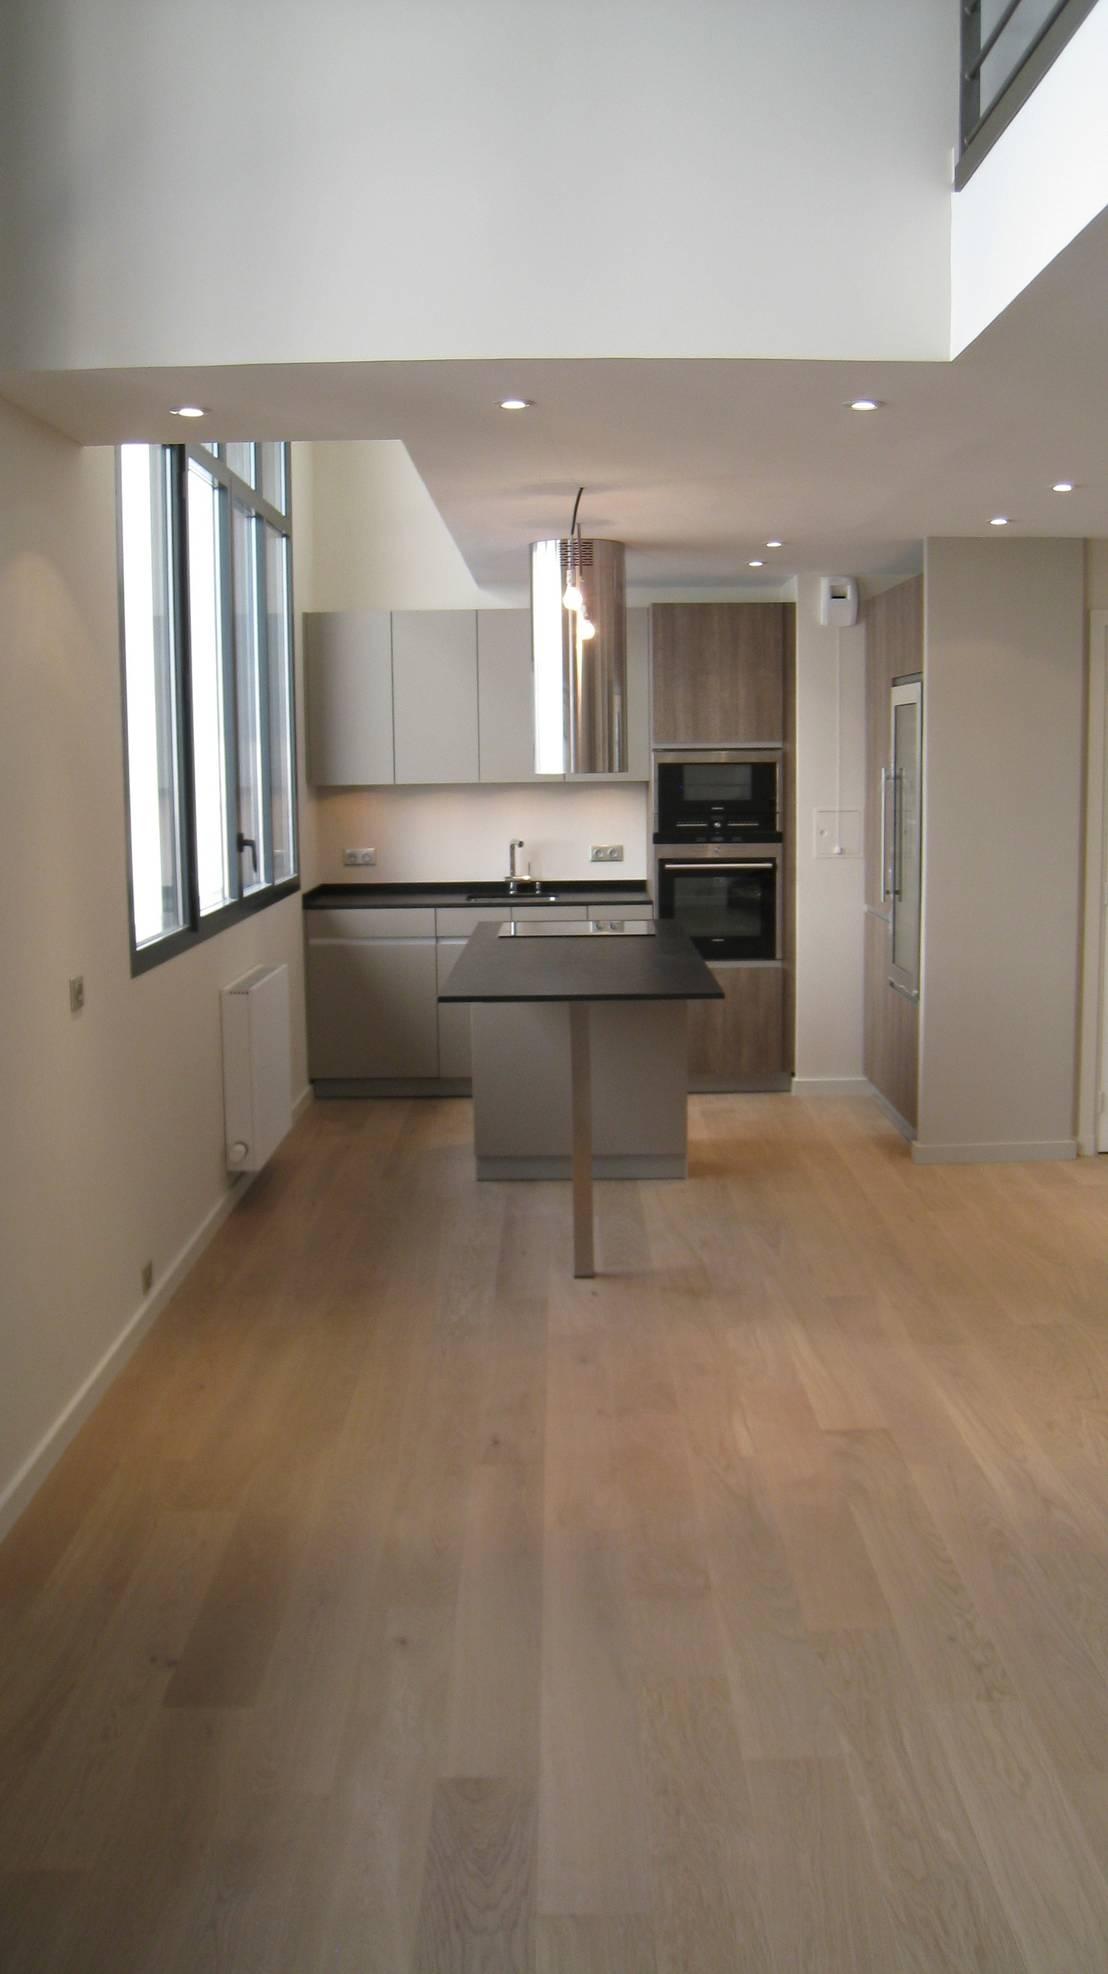 appartement loft paris par philippe ponceblanc architecte d 39 int rieur homify. Black Bedroom Furniture Sets. Home Design Ideas